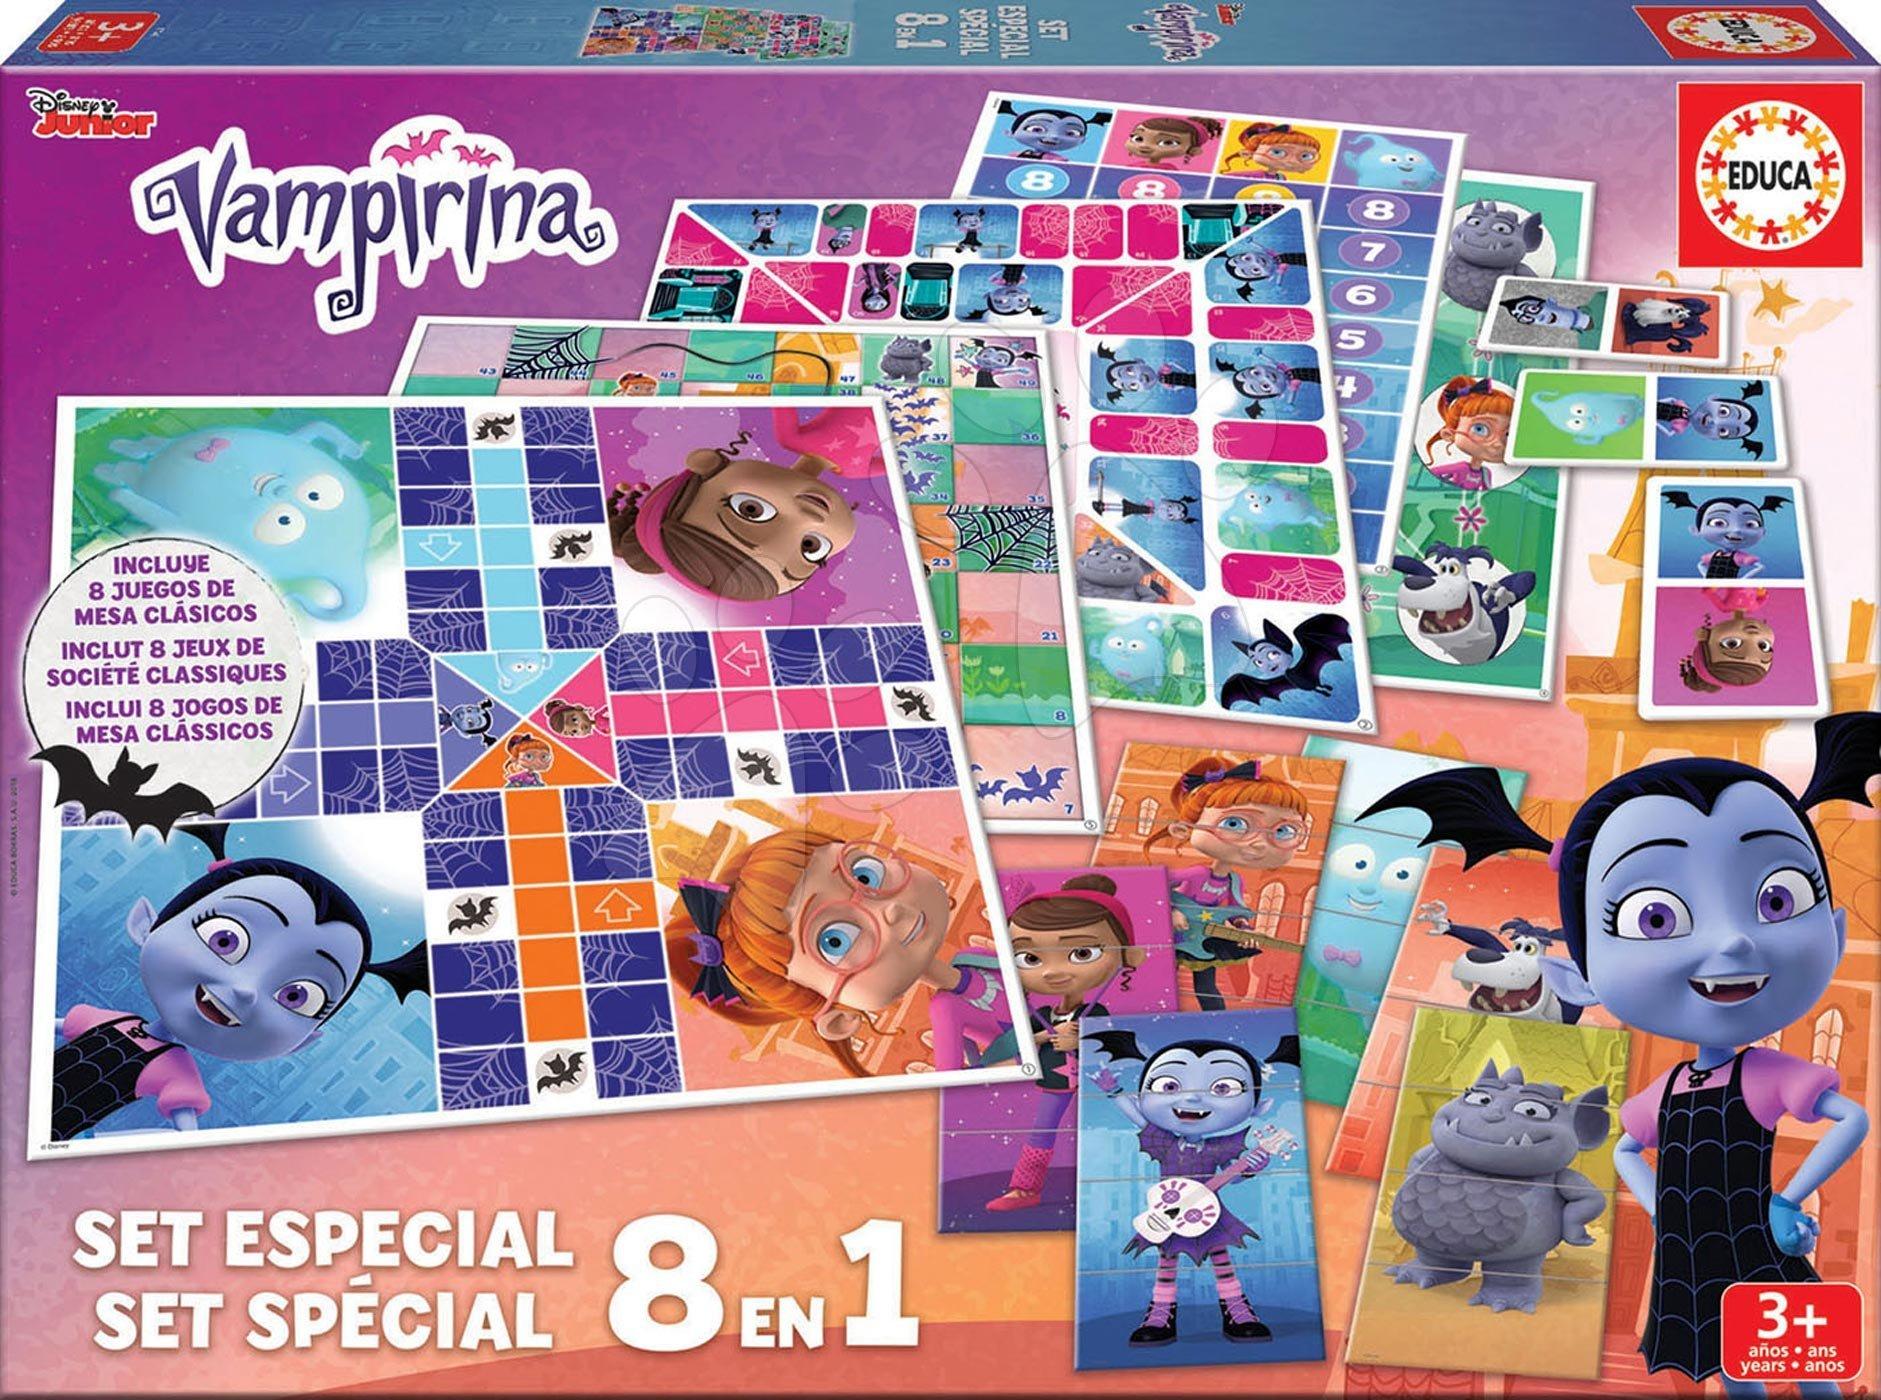 Detské spoločenské hry Vampirina 8v1 Special game set Educa od 4 rokov